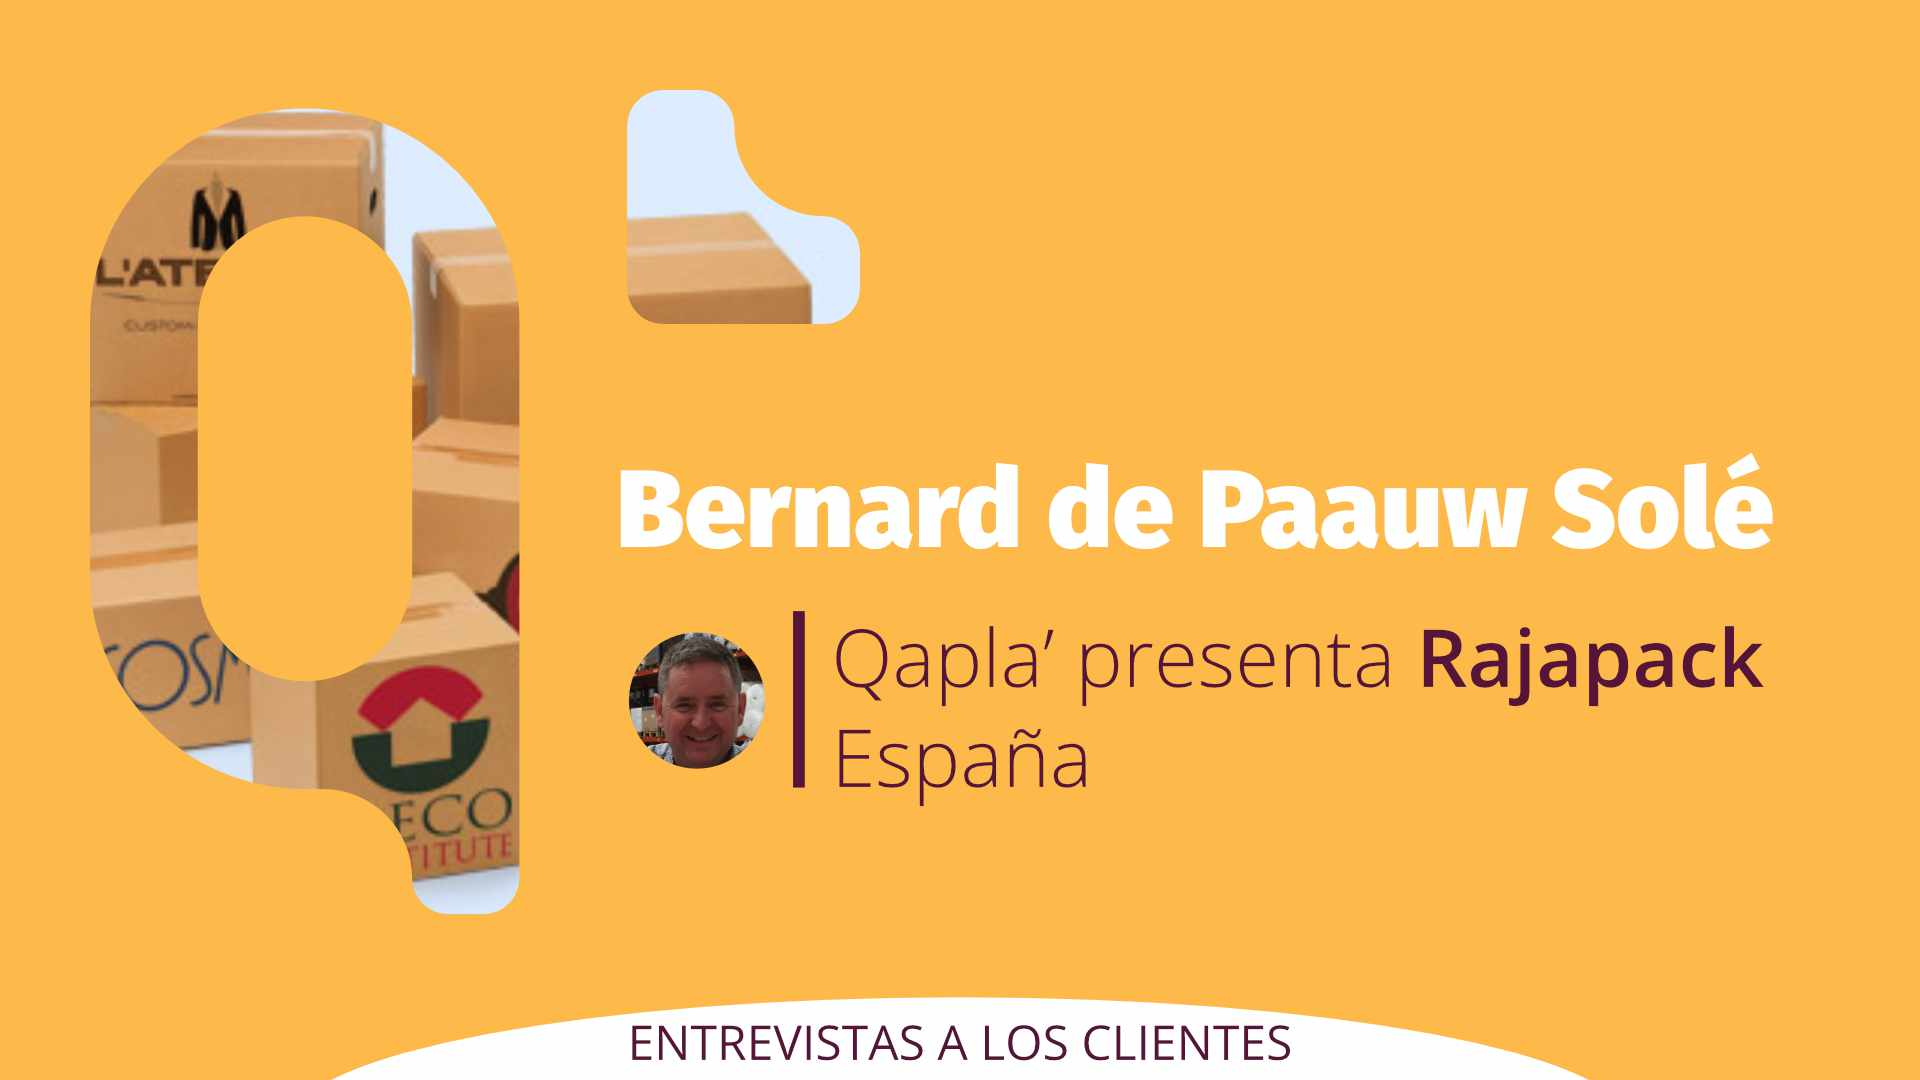 Qapla' presenta Rajapack España: Entrevista a Bernard de Paauw Solé